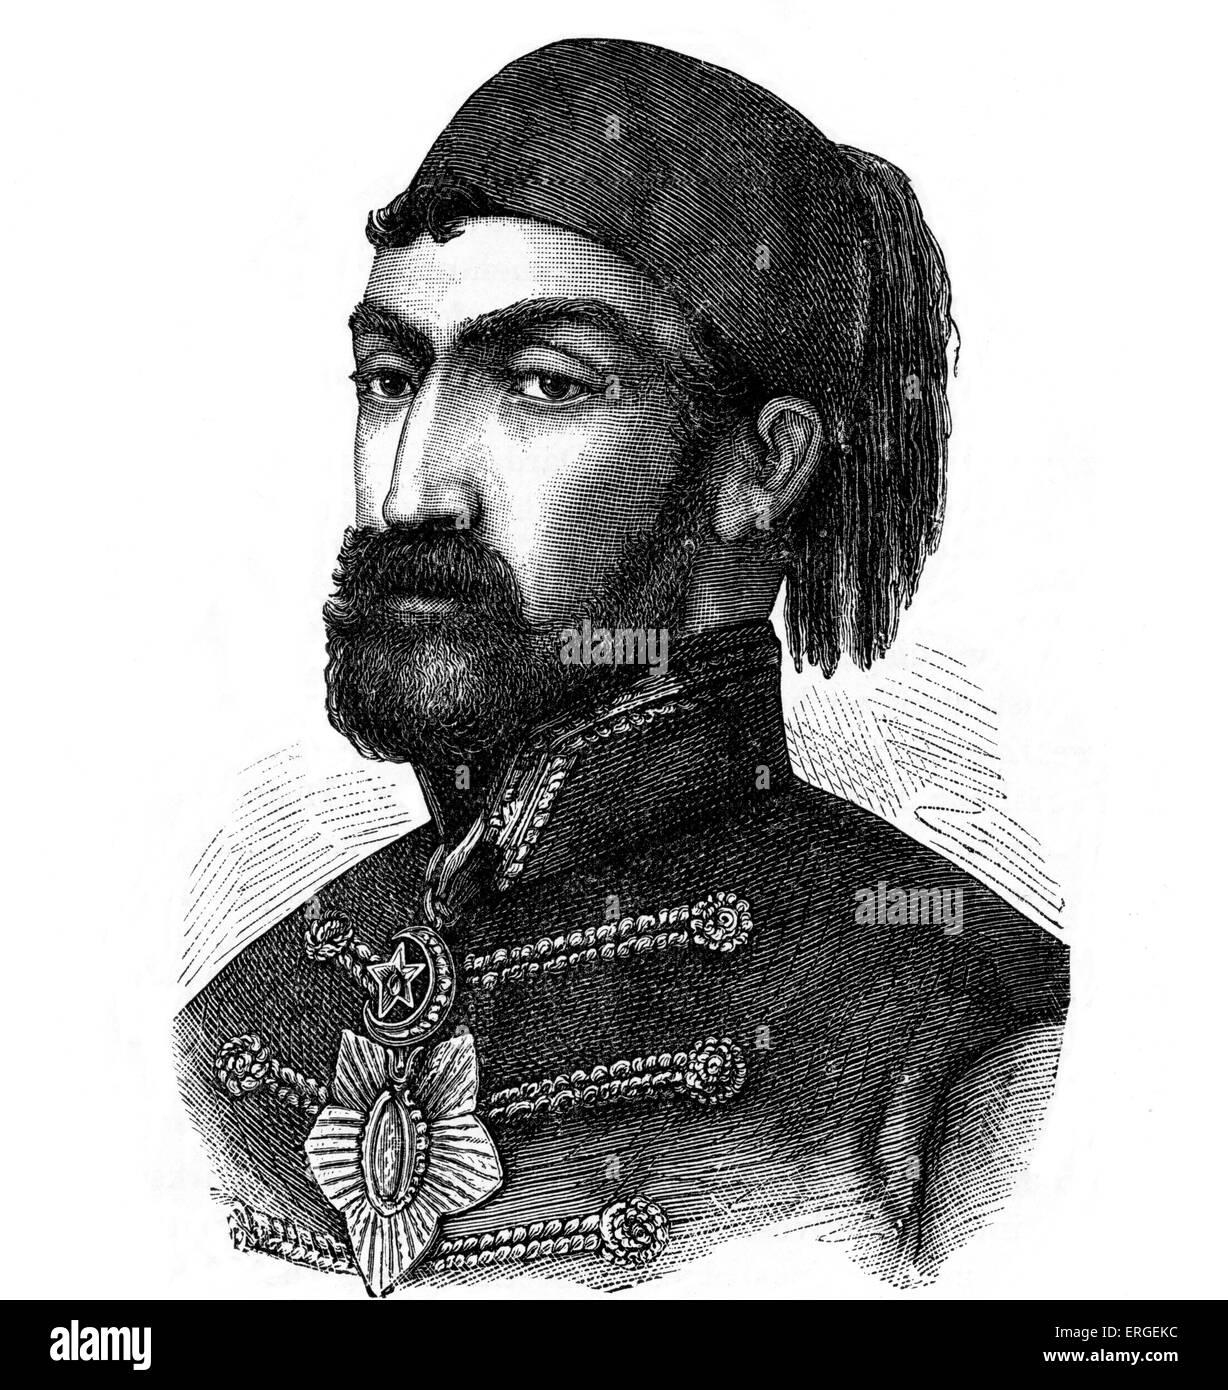 Omar Pasha Latas - otomana y gobernador general. Originalmente el serbio, más tarde convertido al Islam. Llevó a la victoria a las fuerzas Otomanas Foto de stock